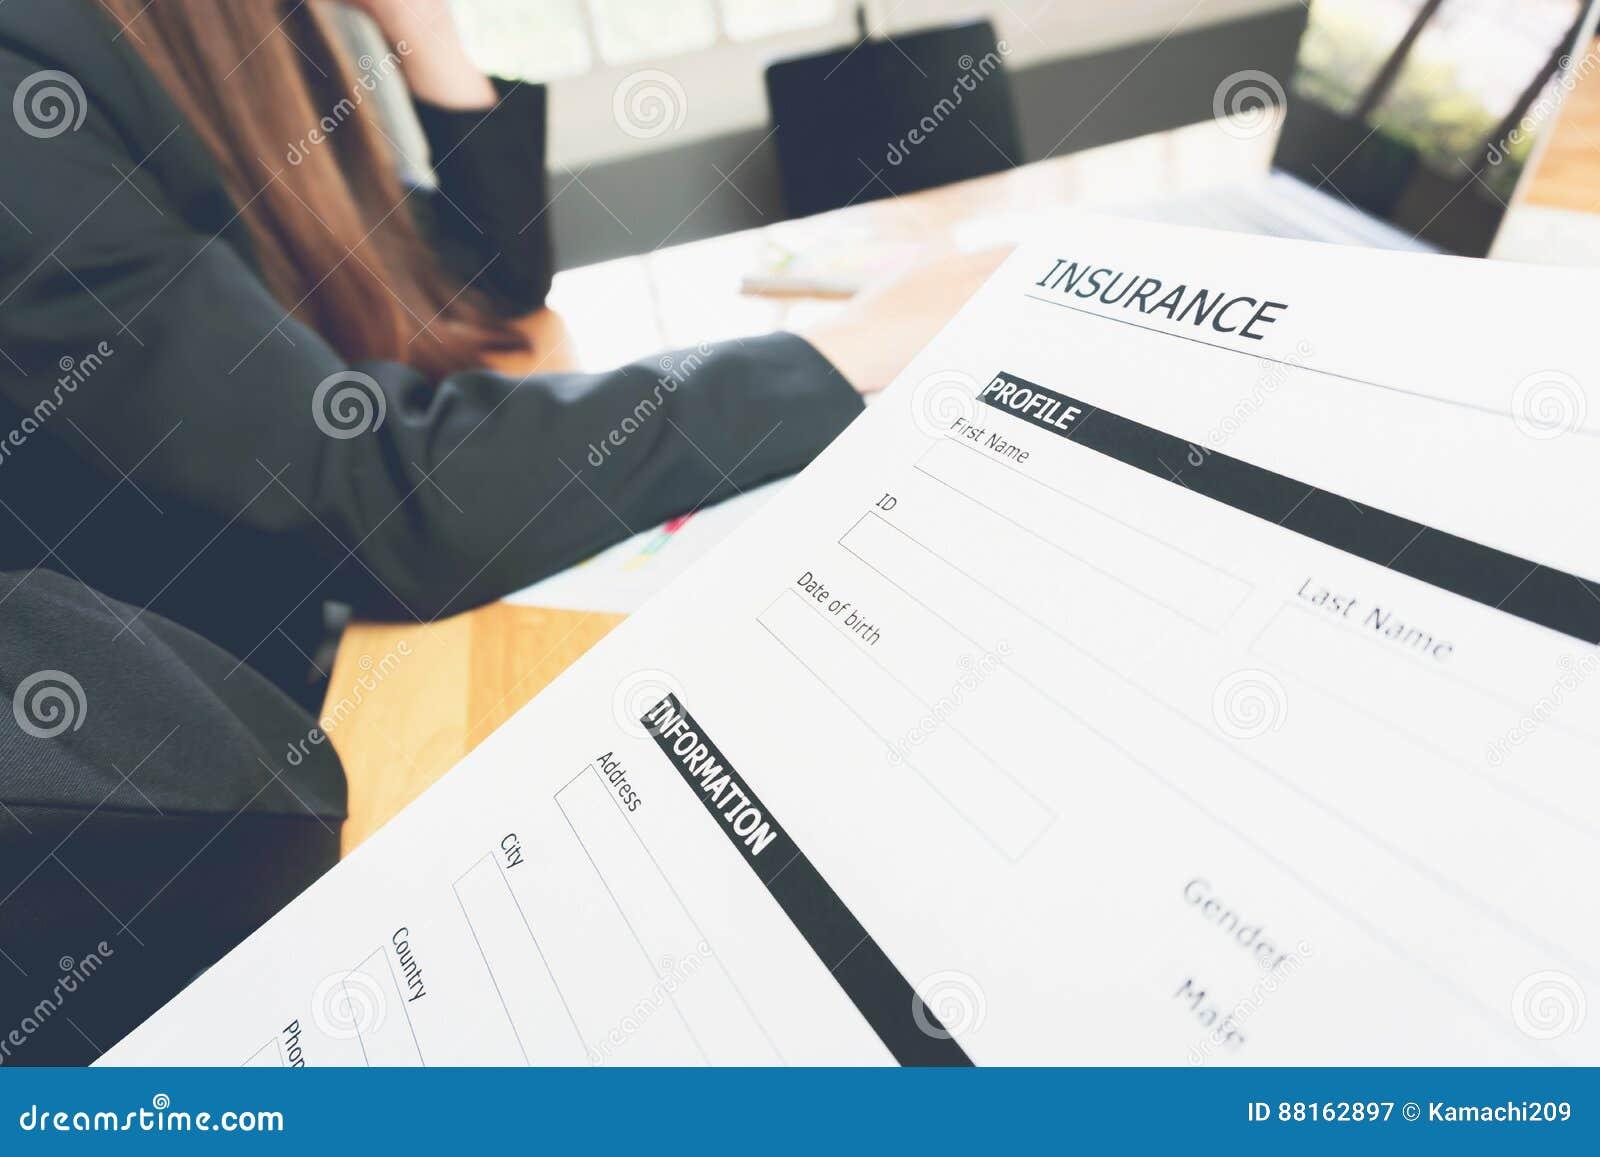 Lidentità di driver e owner, la descrizione del veicolo e le date di inizio e fine.